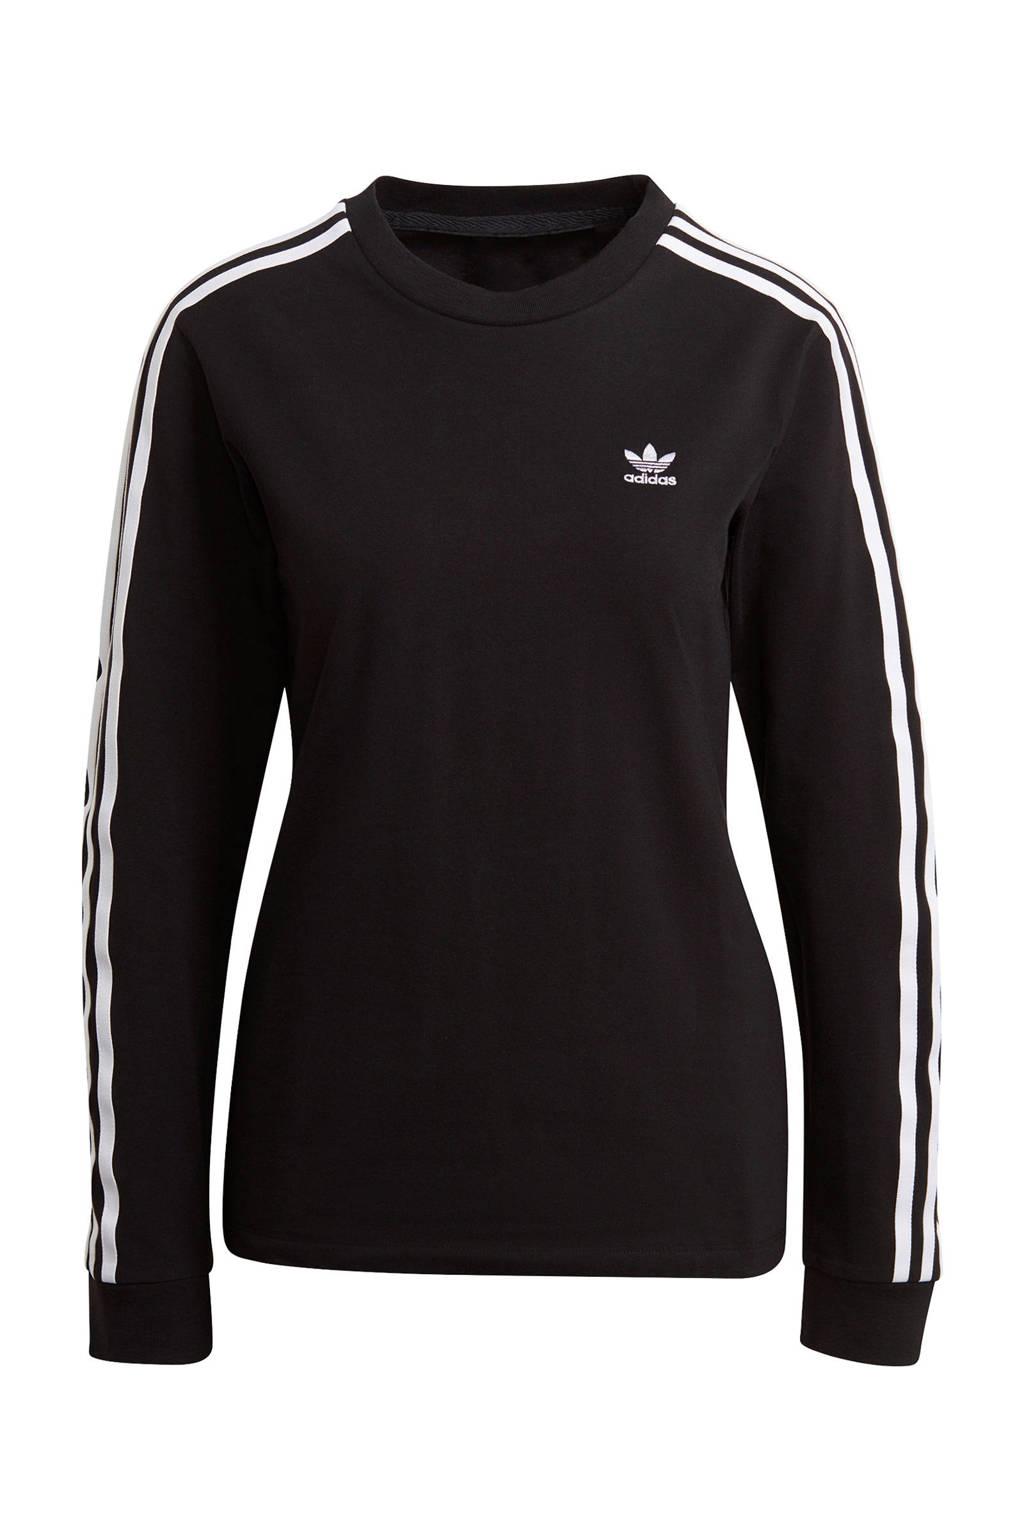 adidas Originals Adicolor longsleeve zwart, Zwart